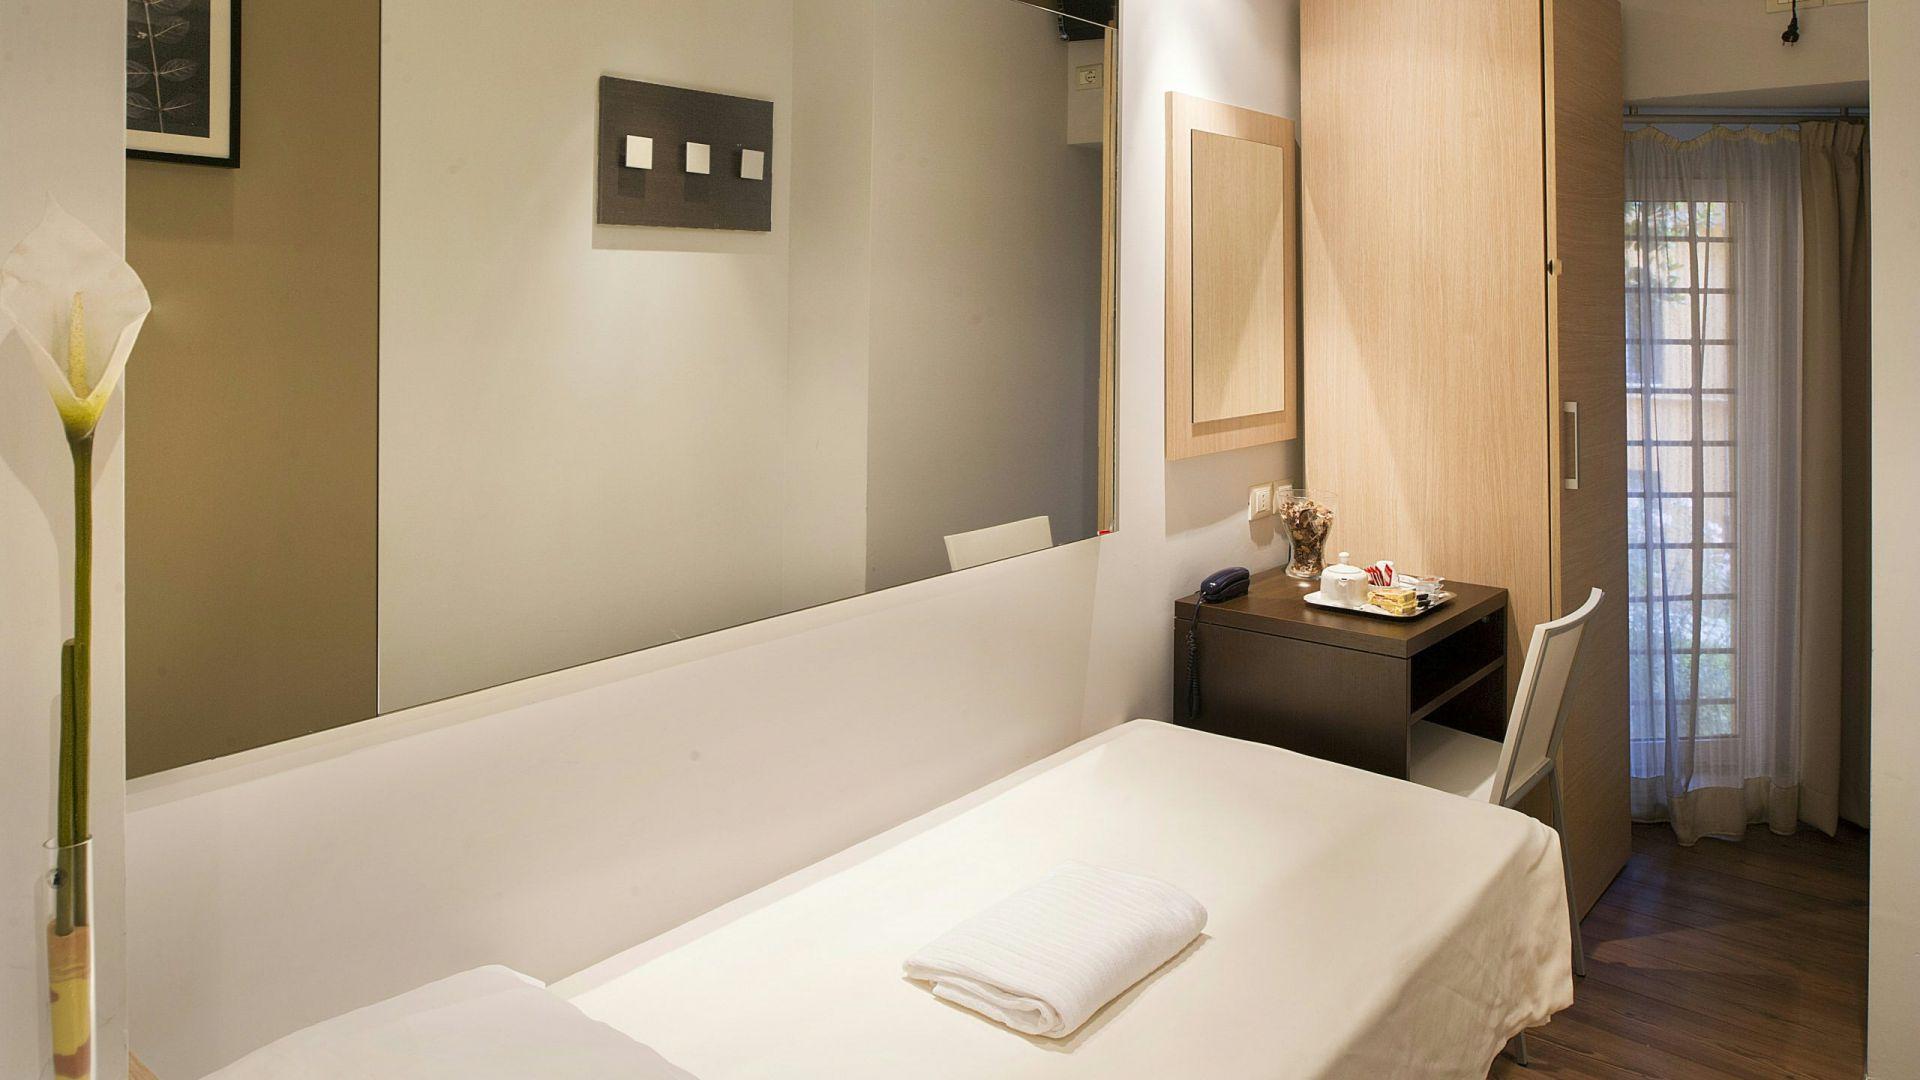 hotel-relais-san-pietro-roma-habitación-individual-01